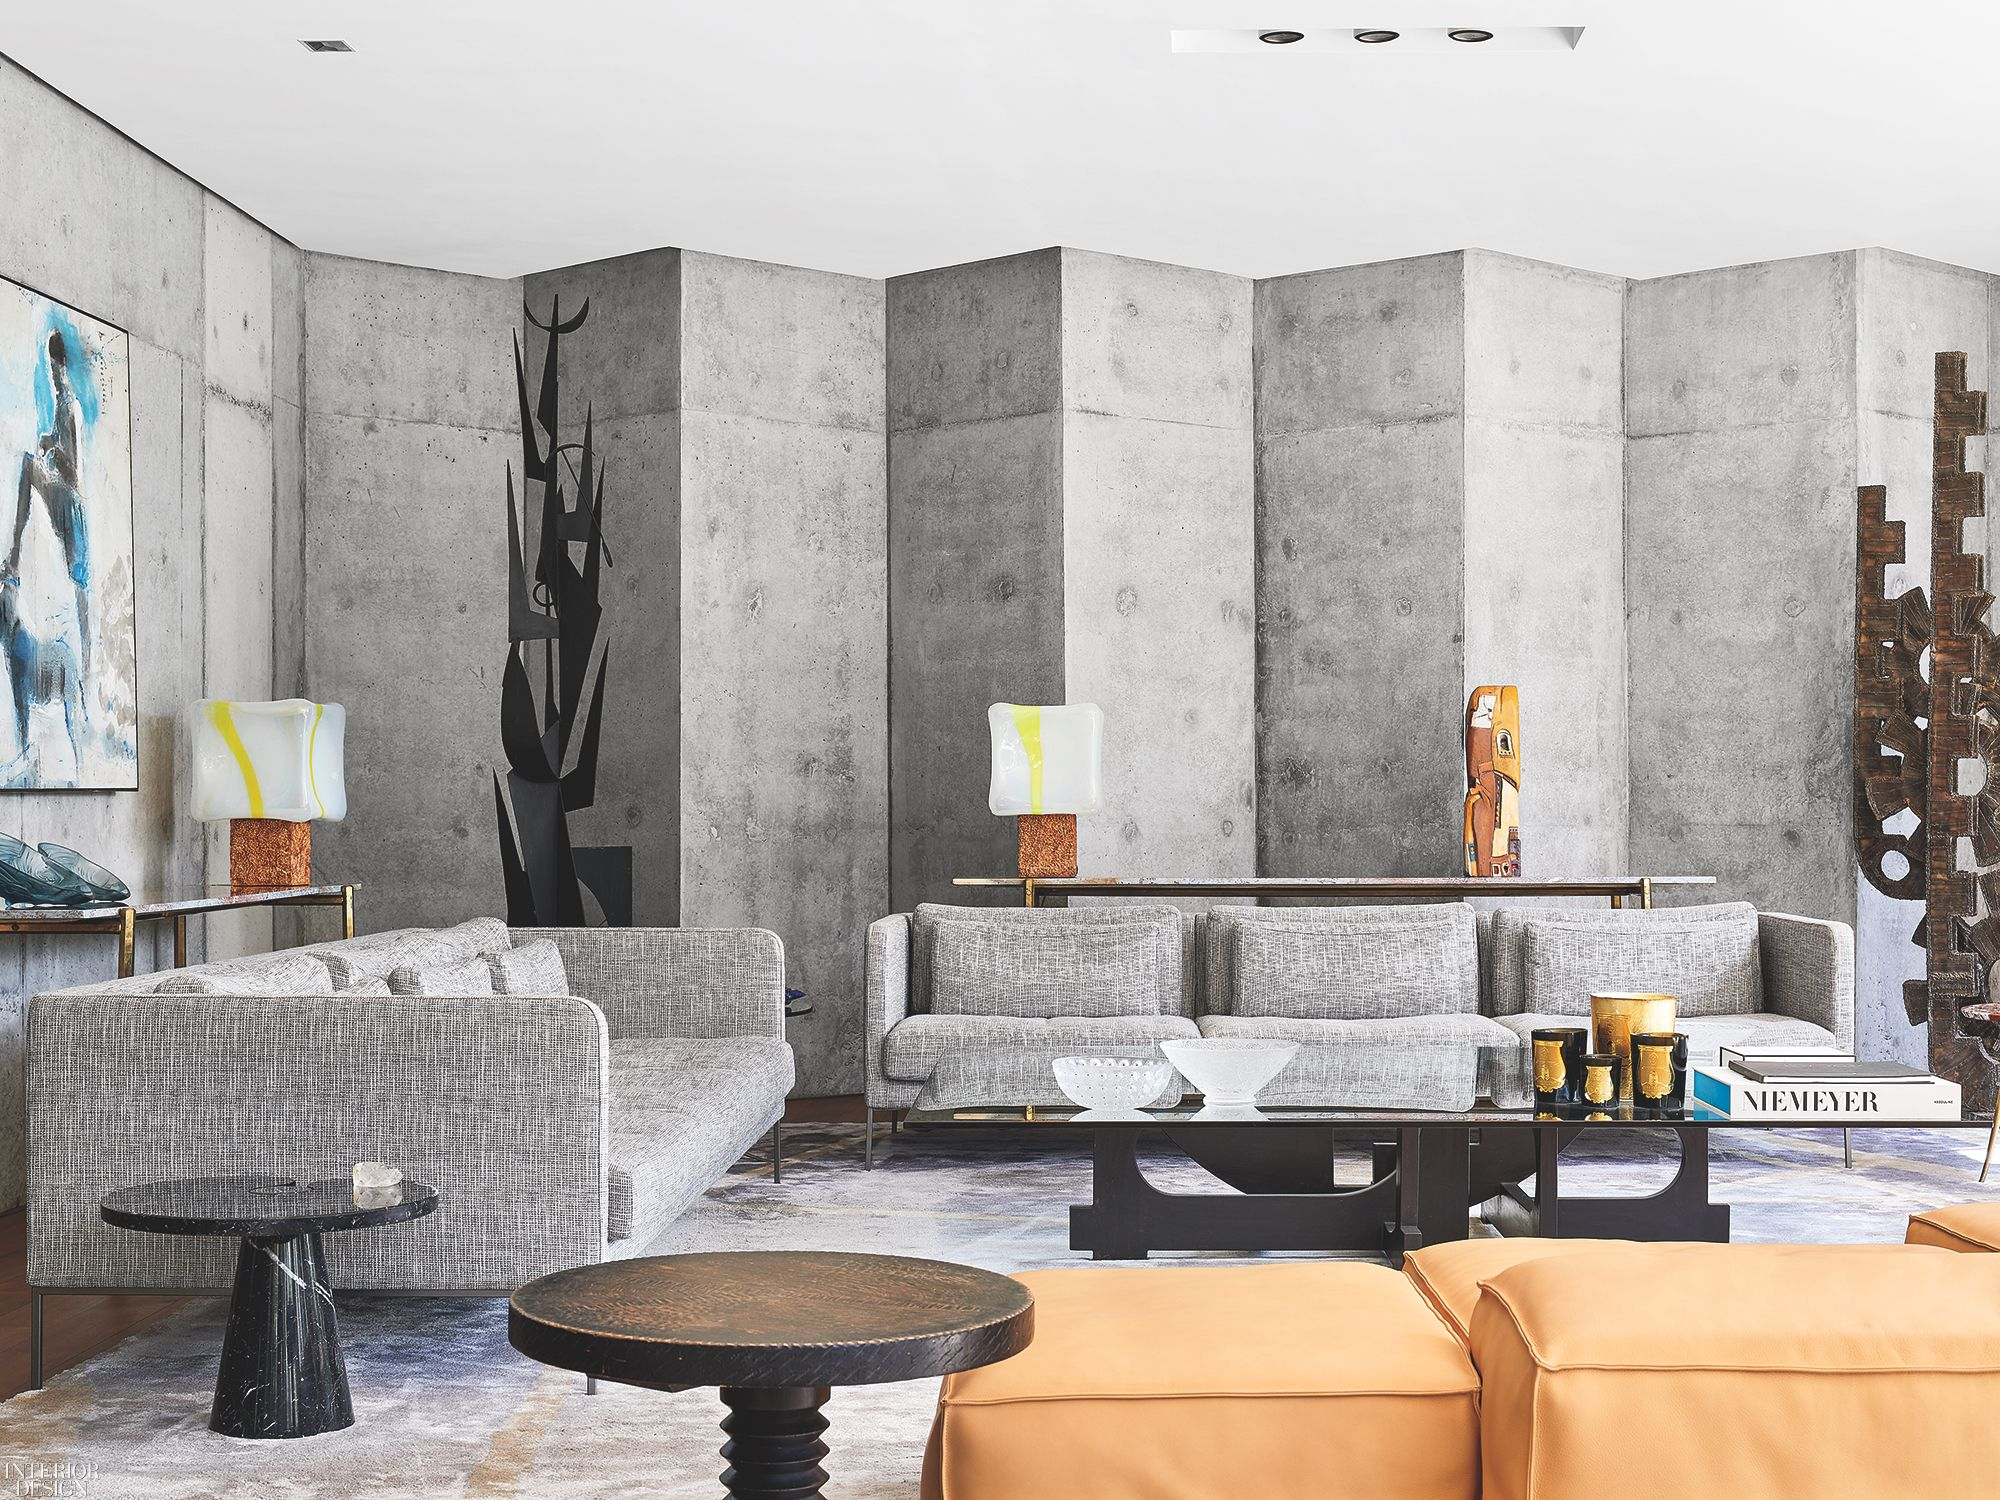 Phong cách Brutalism trong thiết kế nội thất